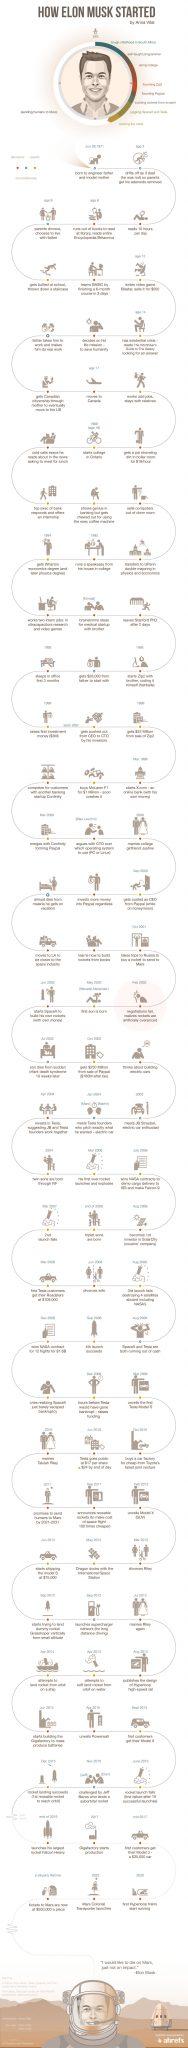 entrepreneurs-learn-elon-musk-got-started-infographic-003